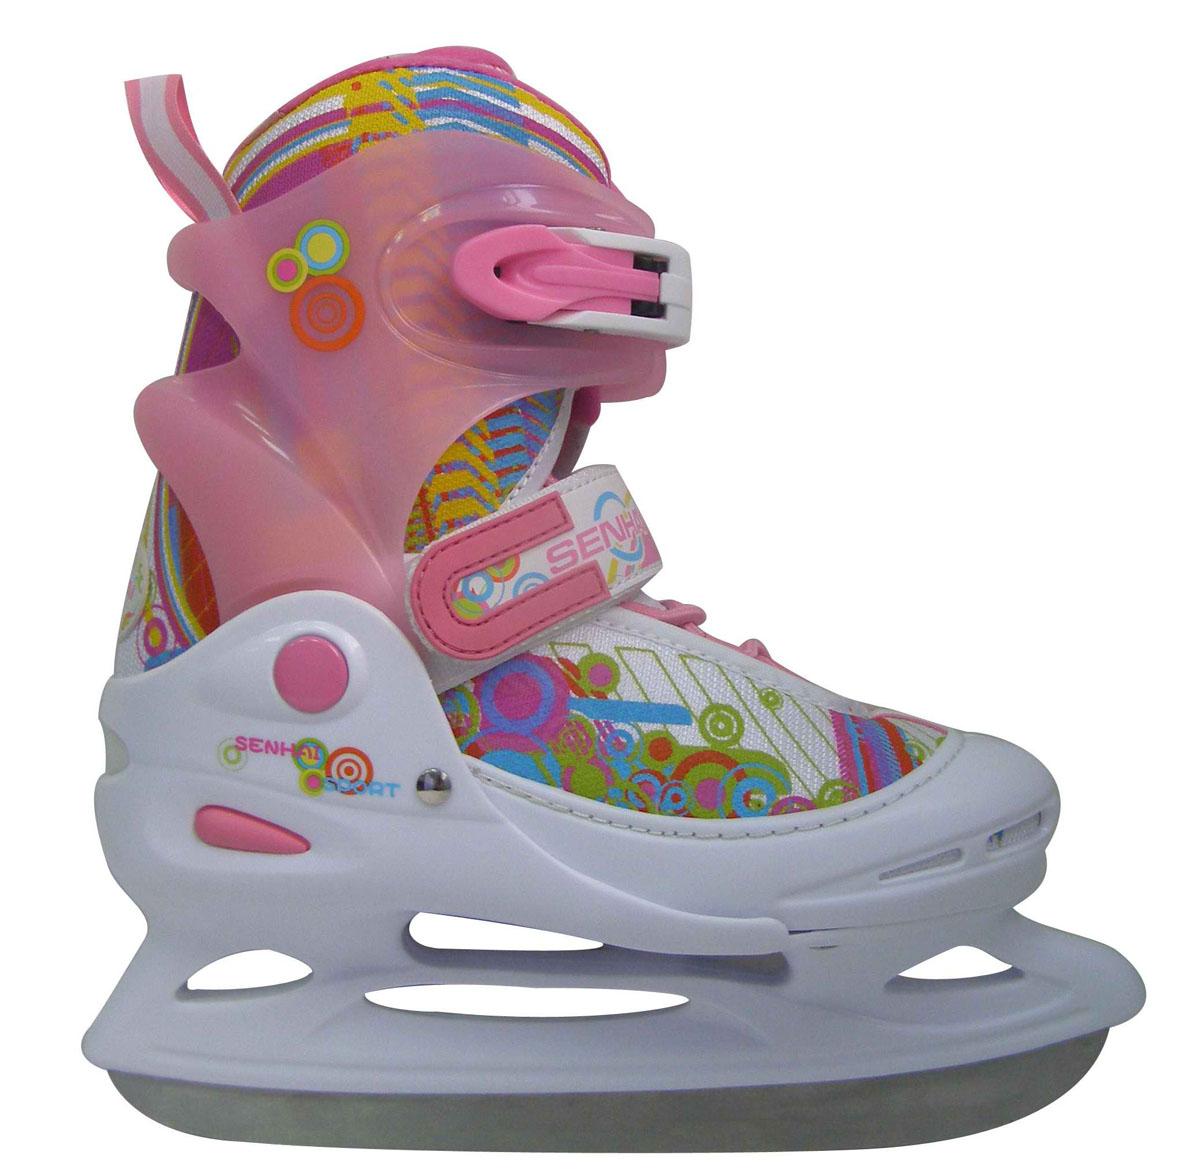 Коньки ледовые для девочки Action, раздвижные, цвет: белый, розовый, голубой. PW-111. Размер 34/37